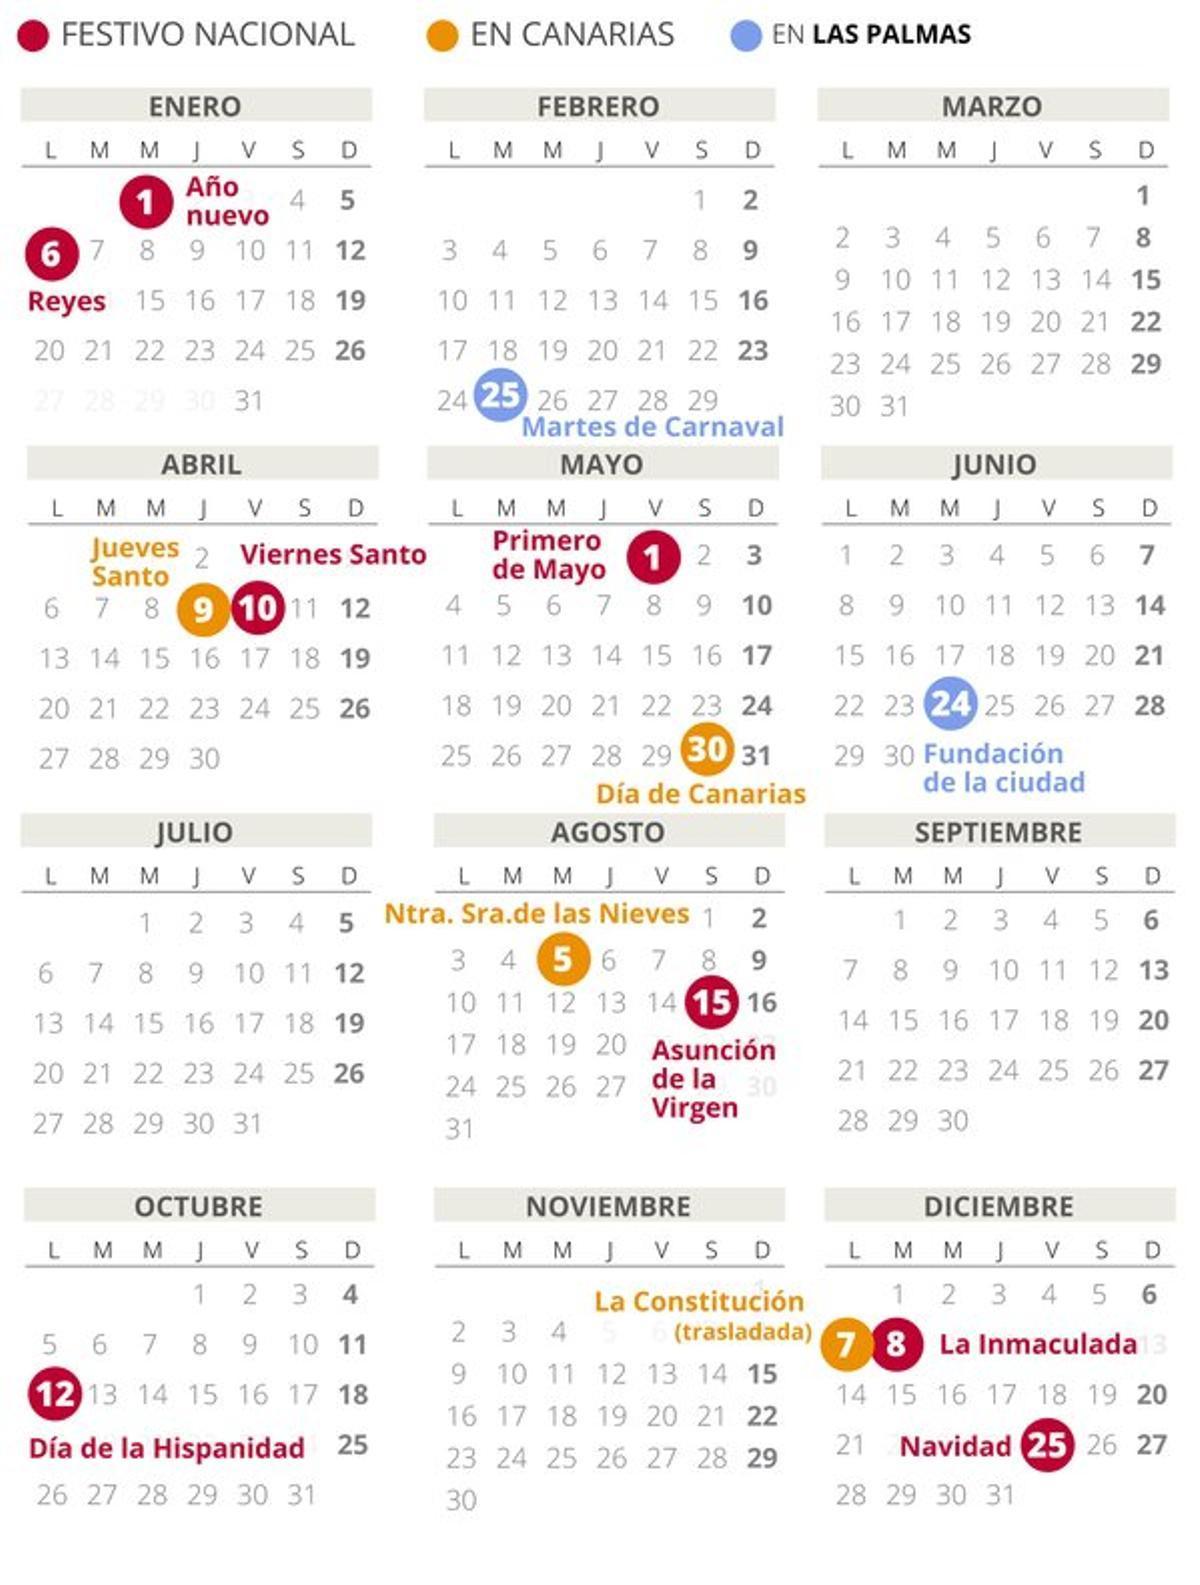 Calendario laboral de Las Palmasdel 2020.